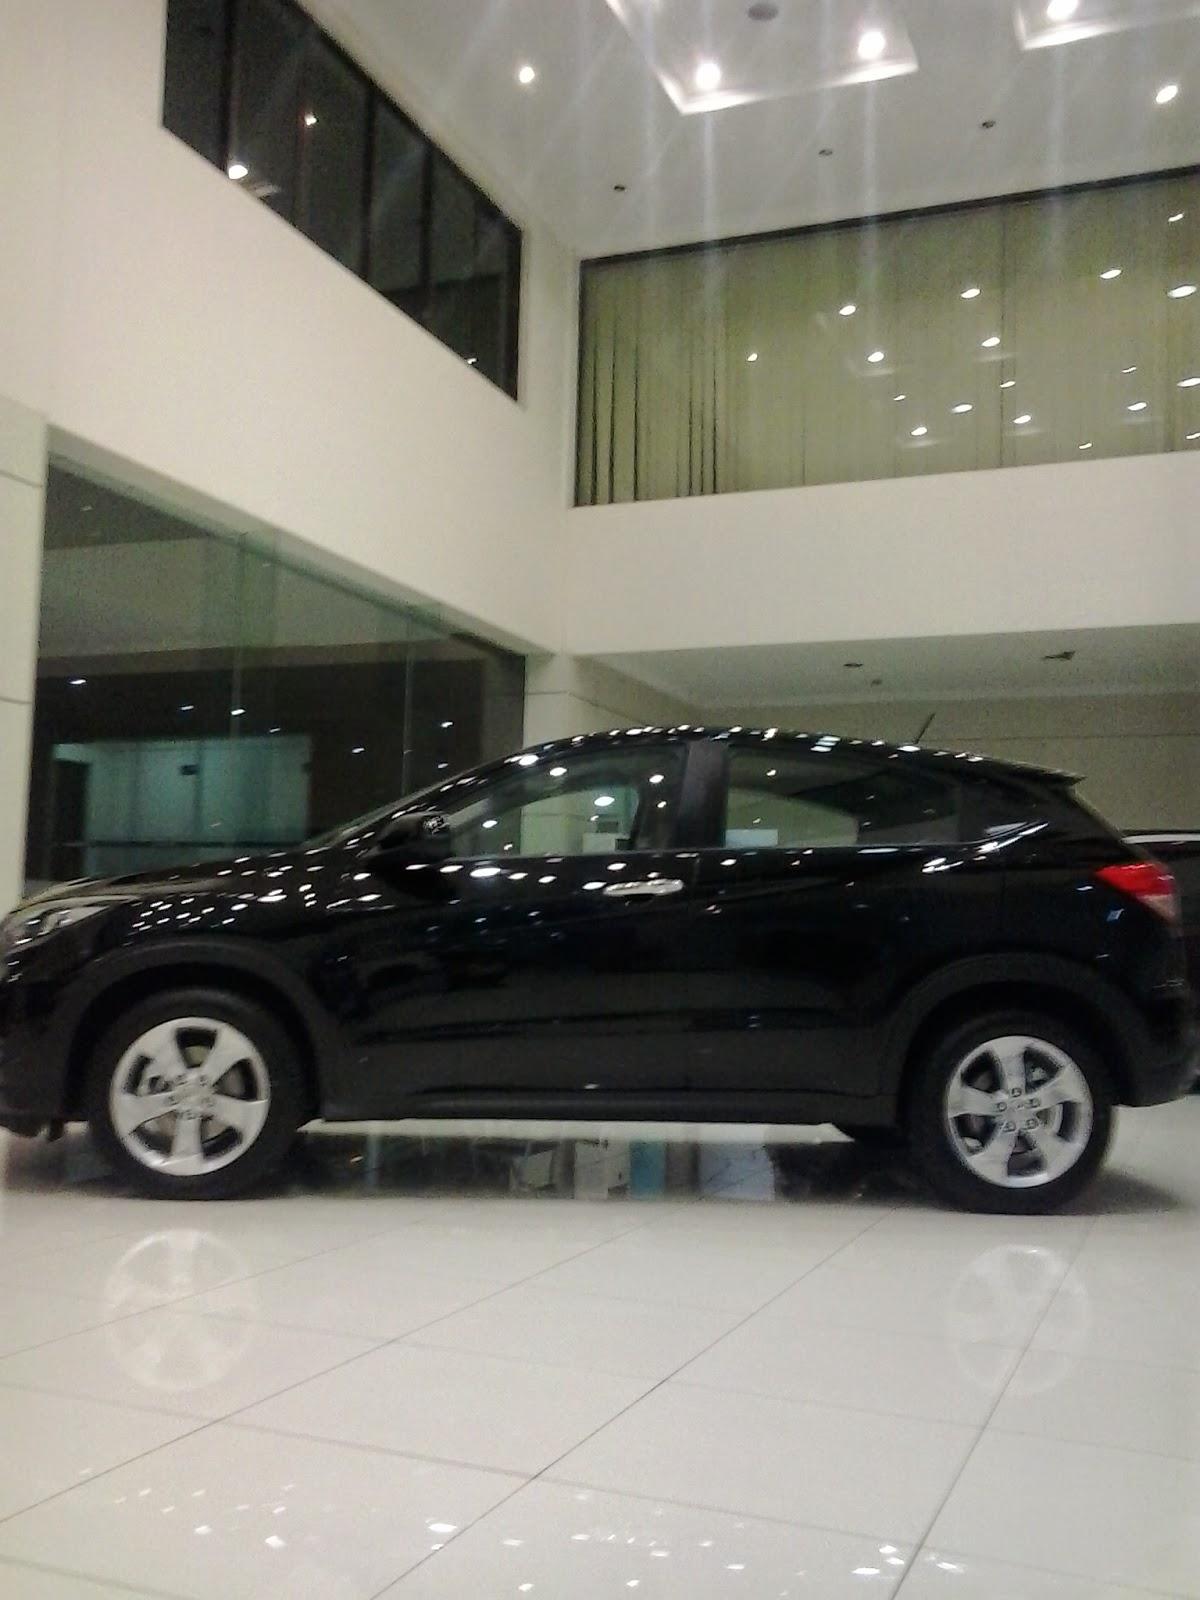 Honda HRV Warna Crystal Black Pearl di Showroom Mobil Honda Bantar Gebang